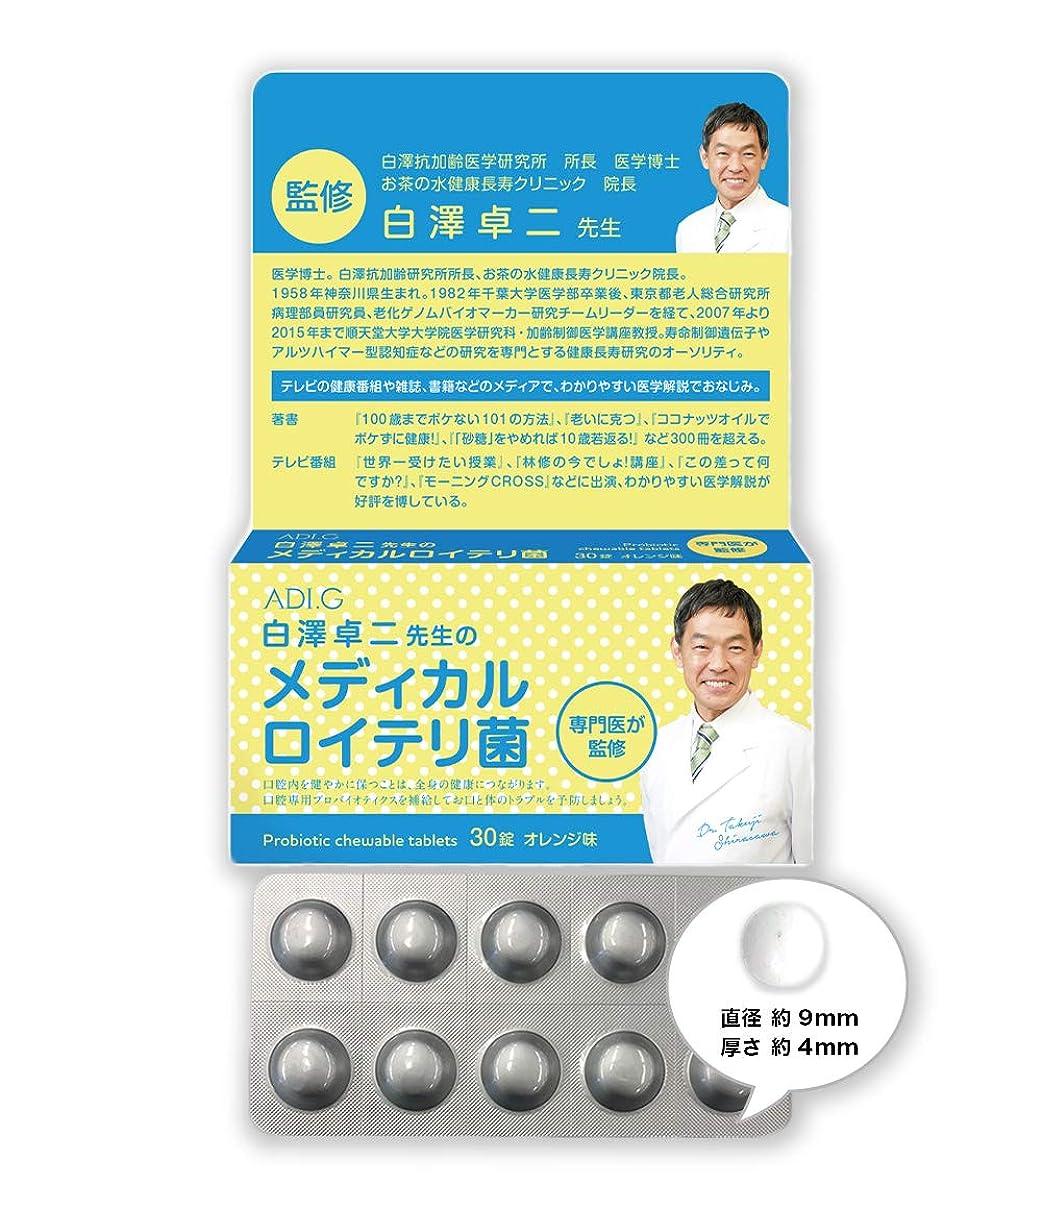 ネックレット時代肩をすくめる白澤卓二先生のメディカルロイテリ菌 オレンジ味